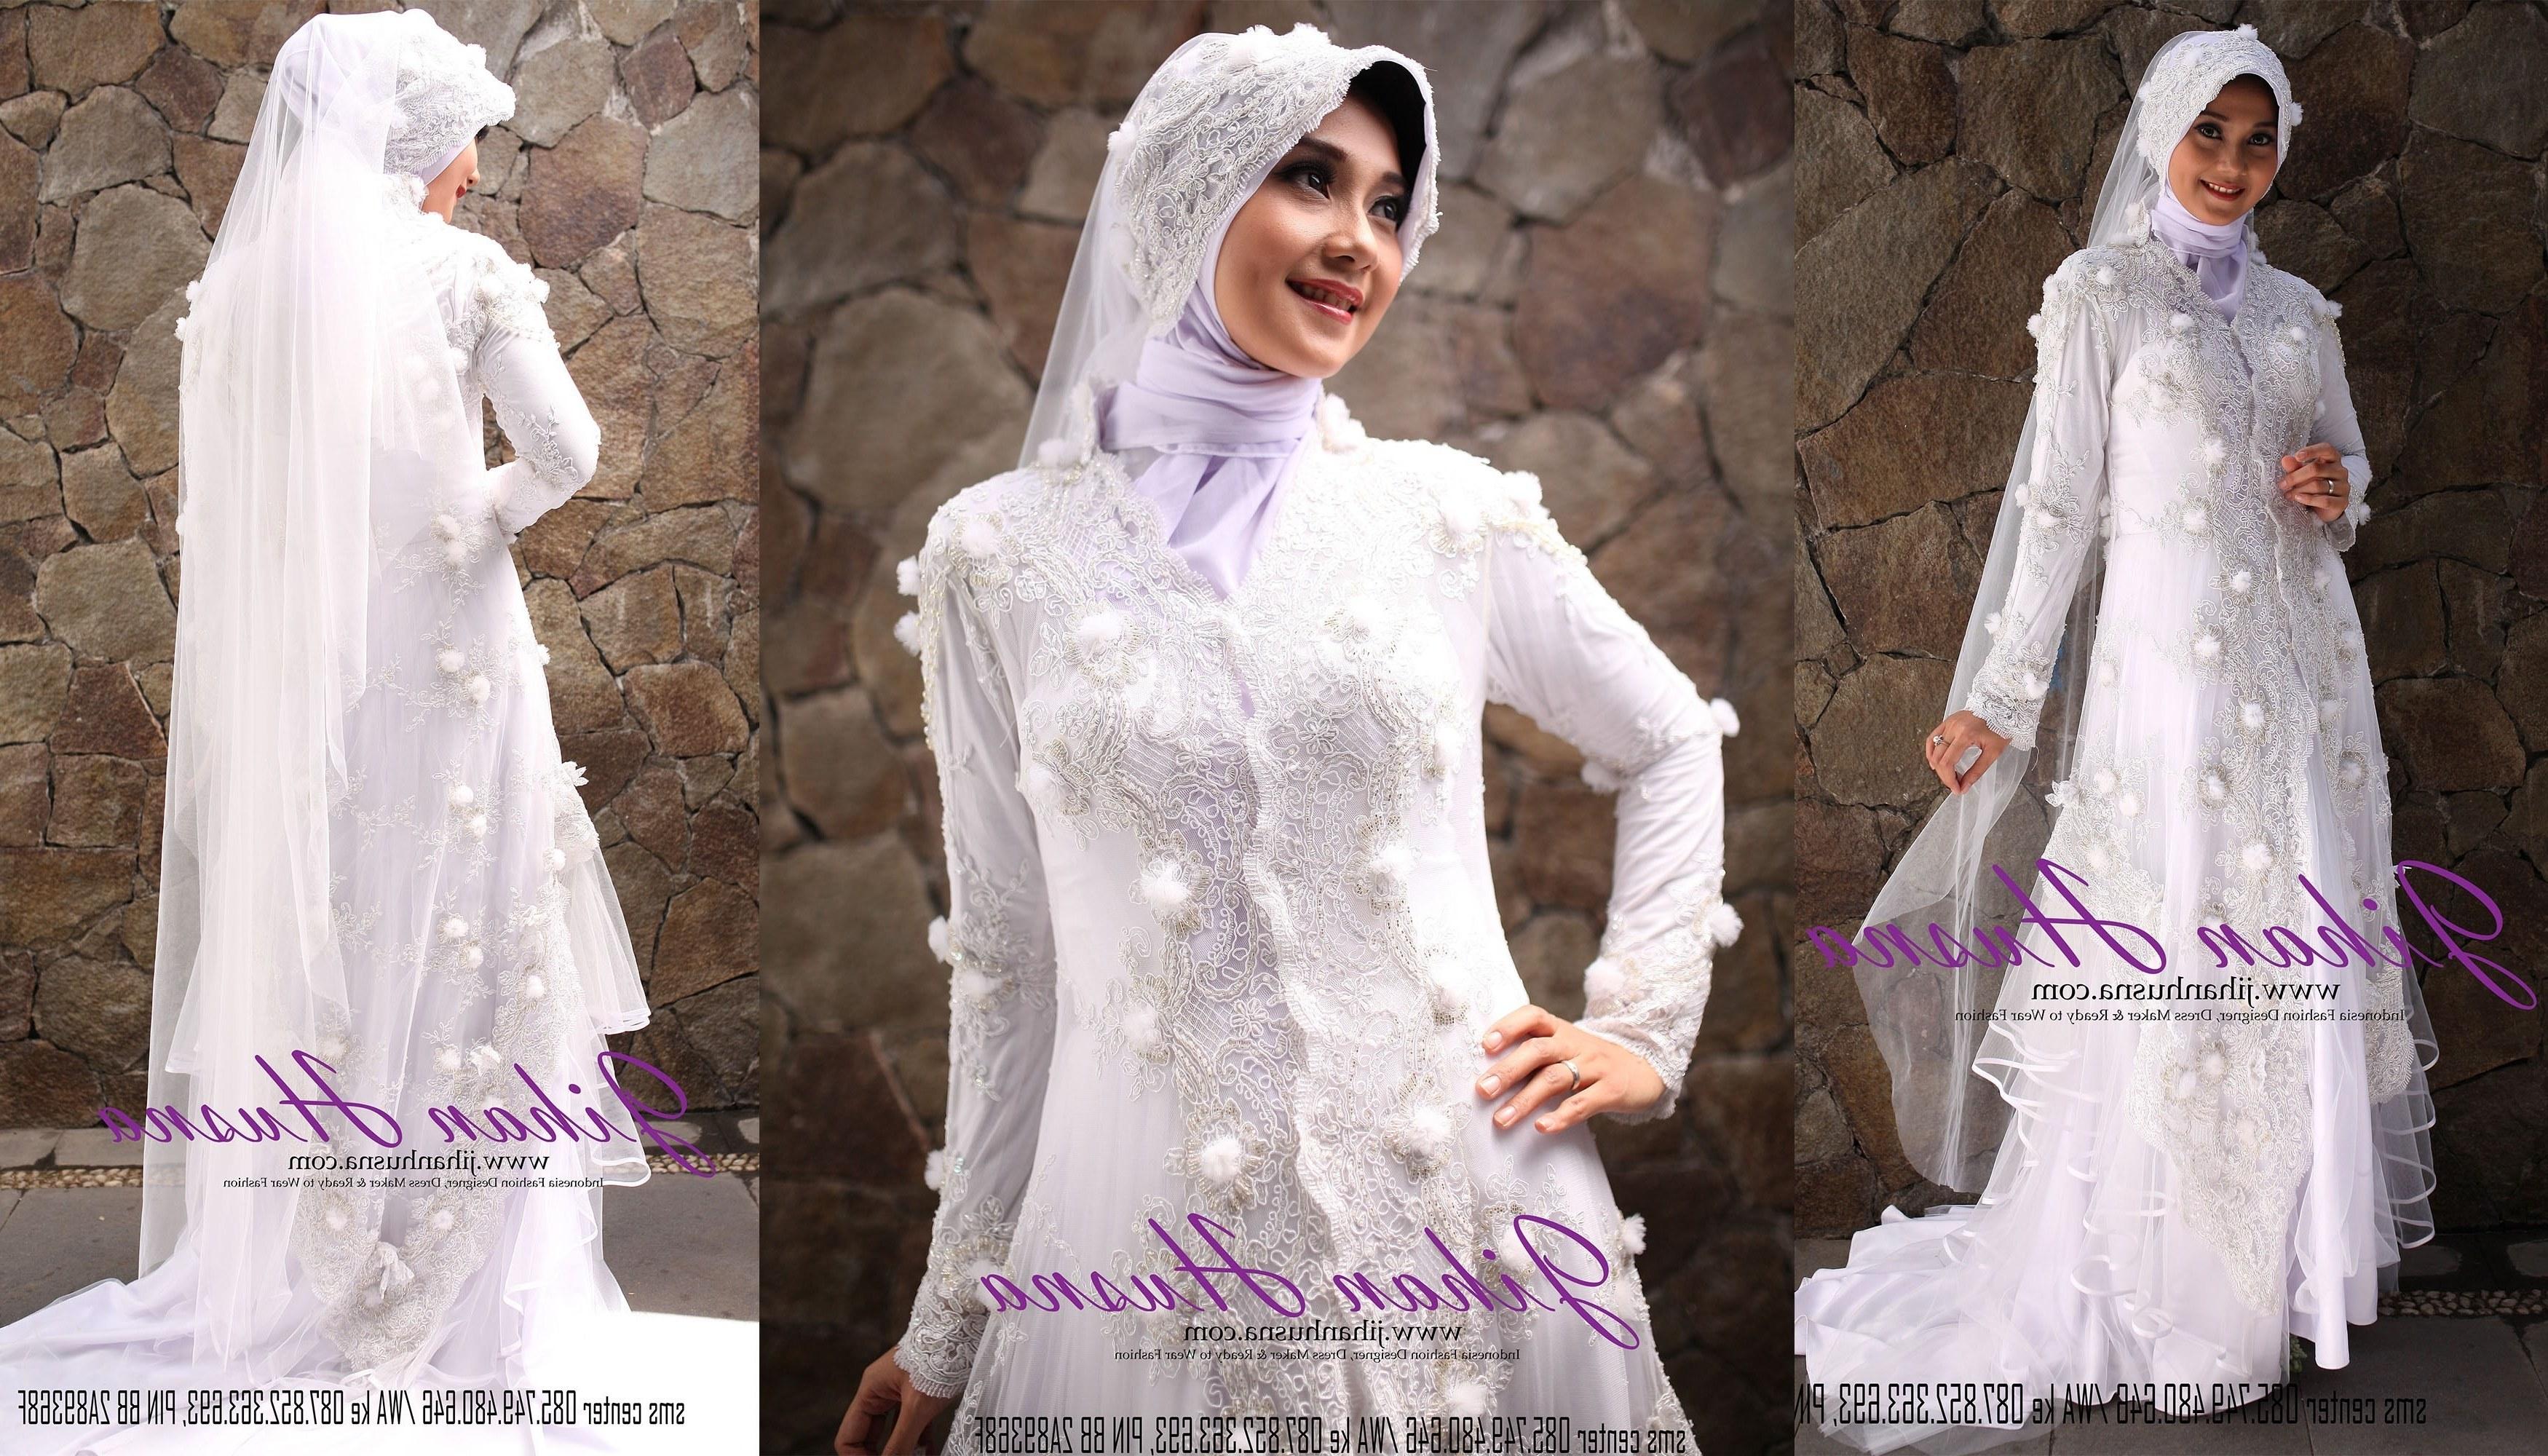 Ide Gamis Untuk Pernikahan 0gdr Gamis Pernikahan Cantik Gaya Foto Wedding Kekinian Elegan